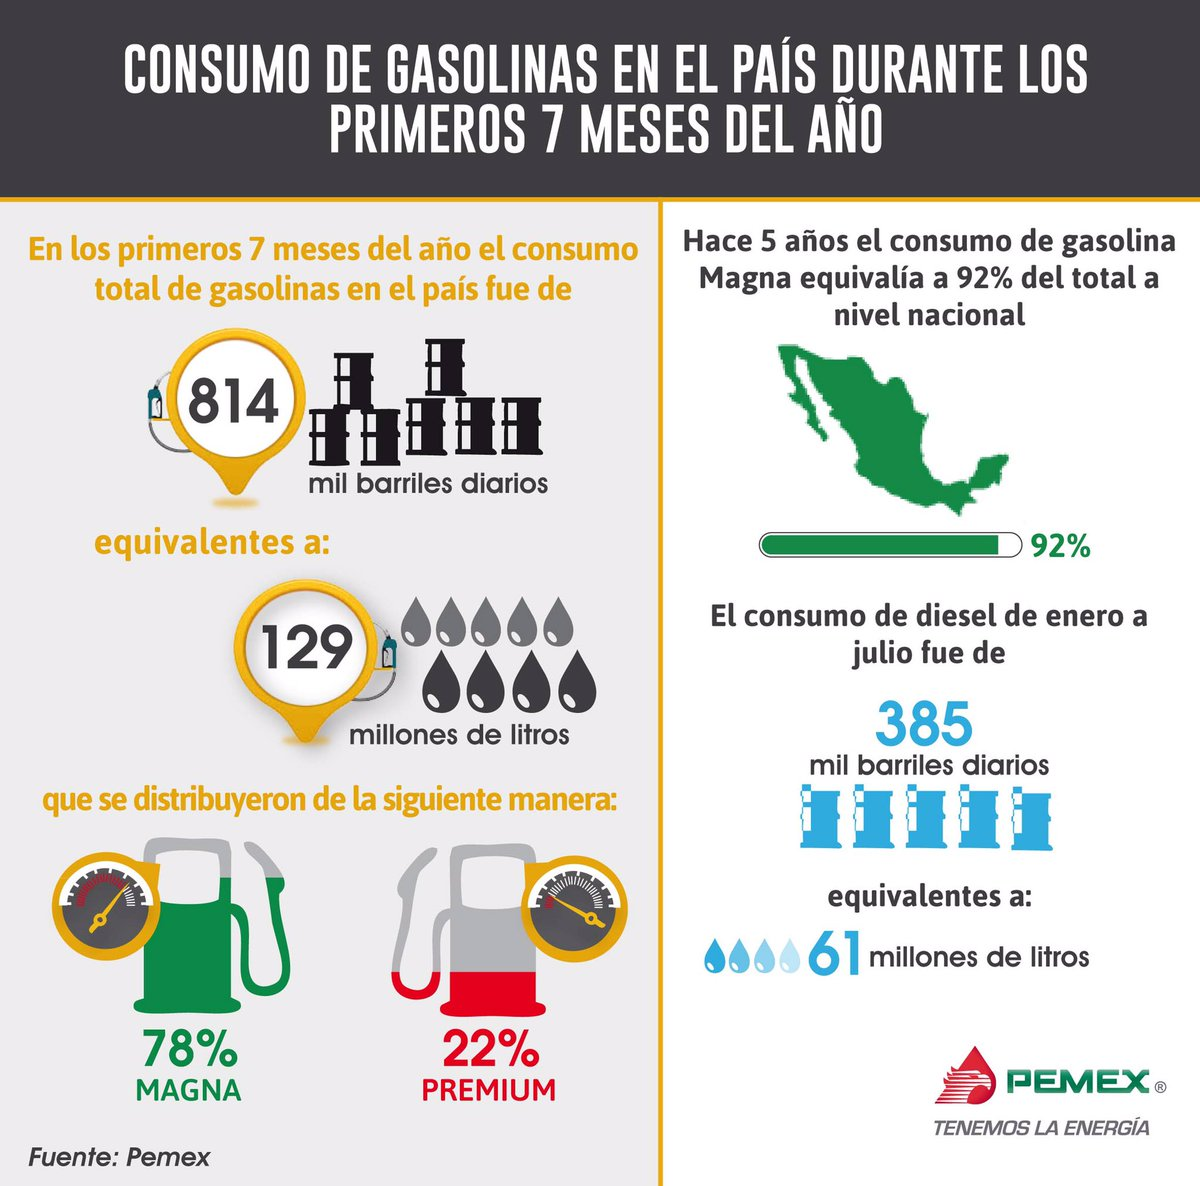 Se puede dividir la mezcla de la gasolina y el agua con la ayuda